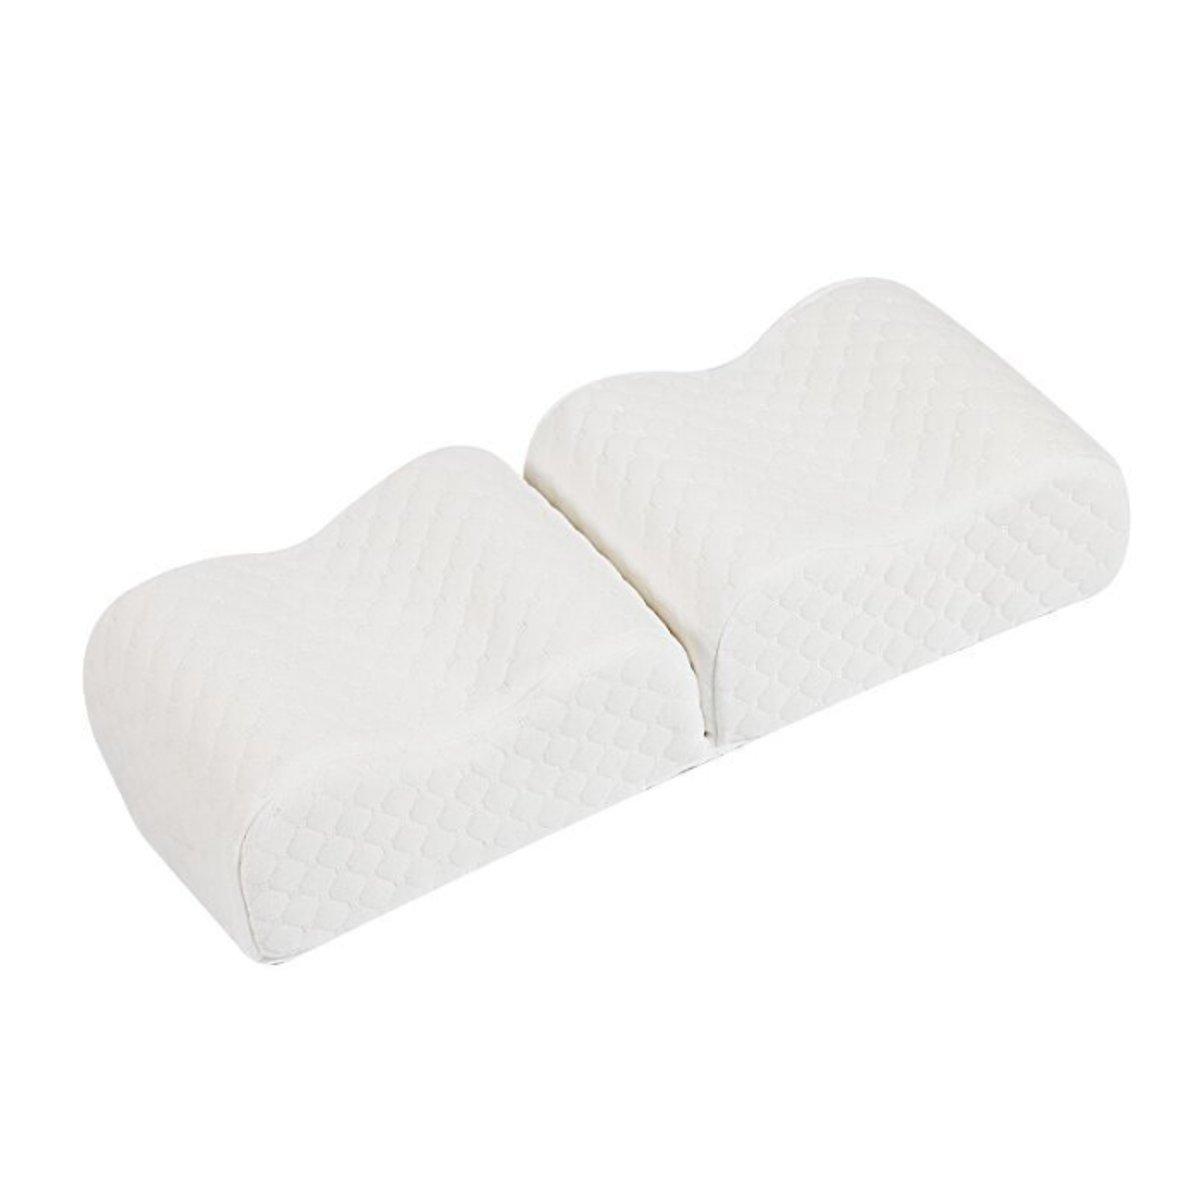 Подушка Sleep Foam Yoga Подушка для ног Спальники и боковые шпалы, эргономичный вариант пуховой альтернативы между и под - фото 6